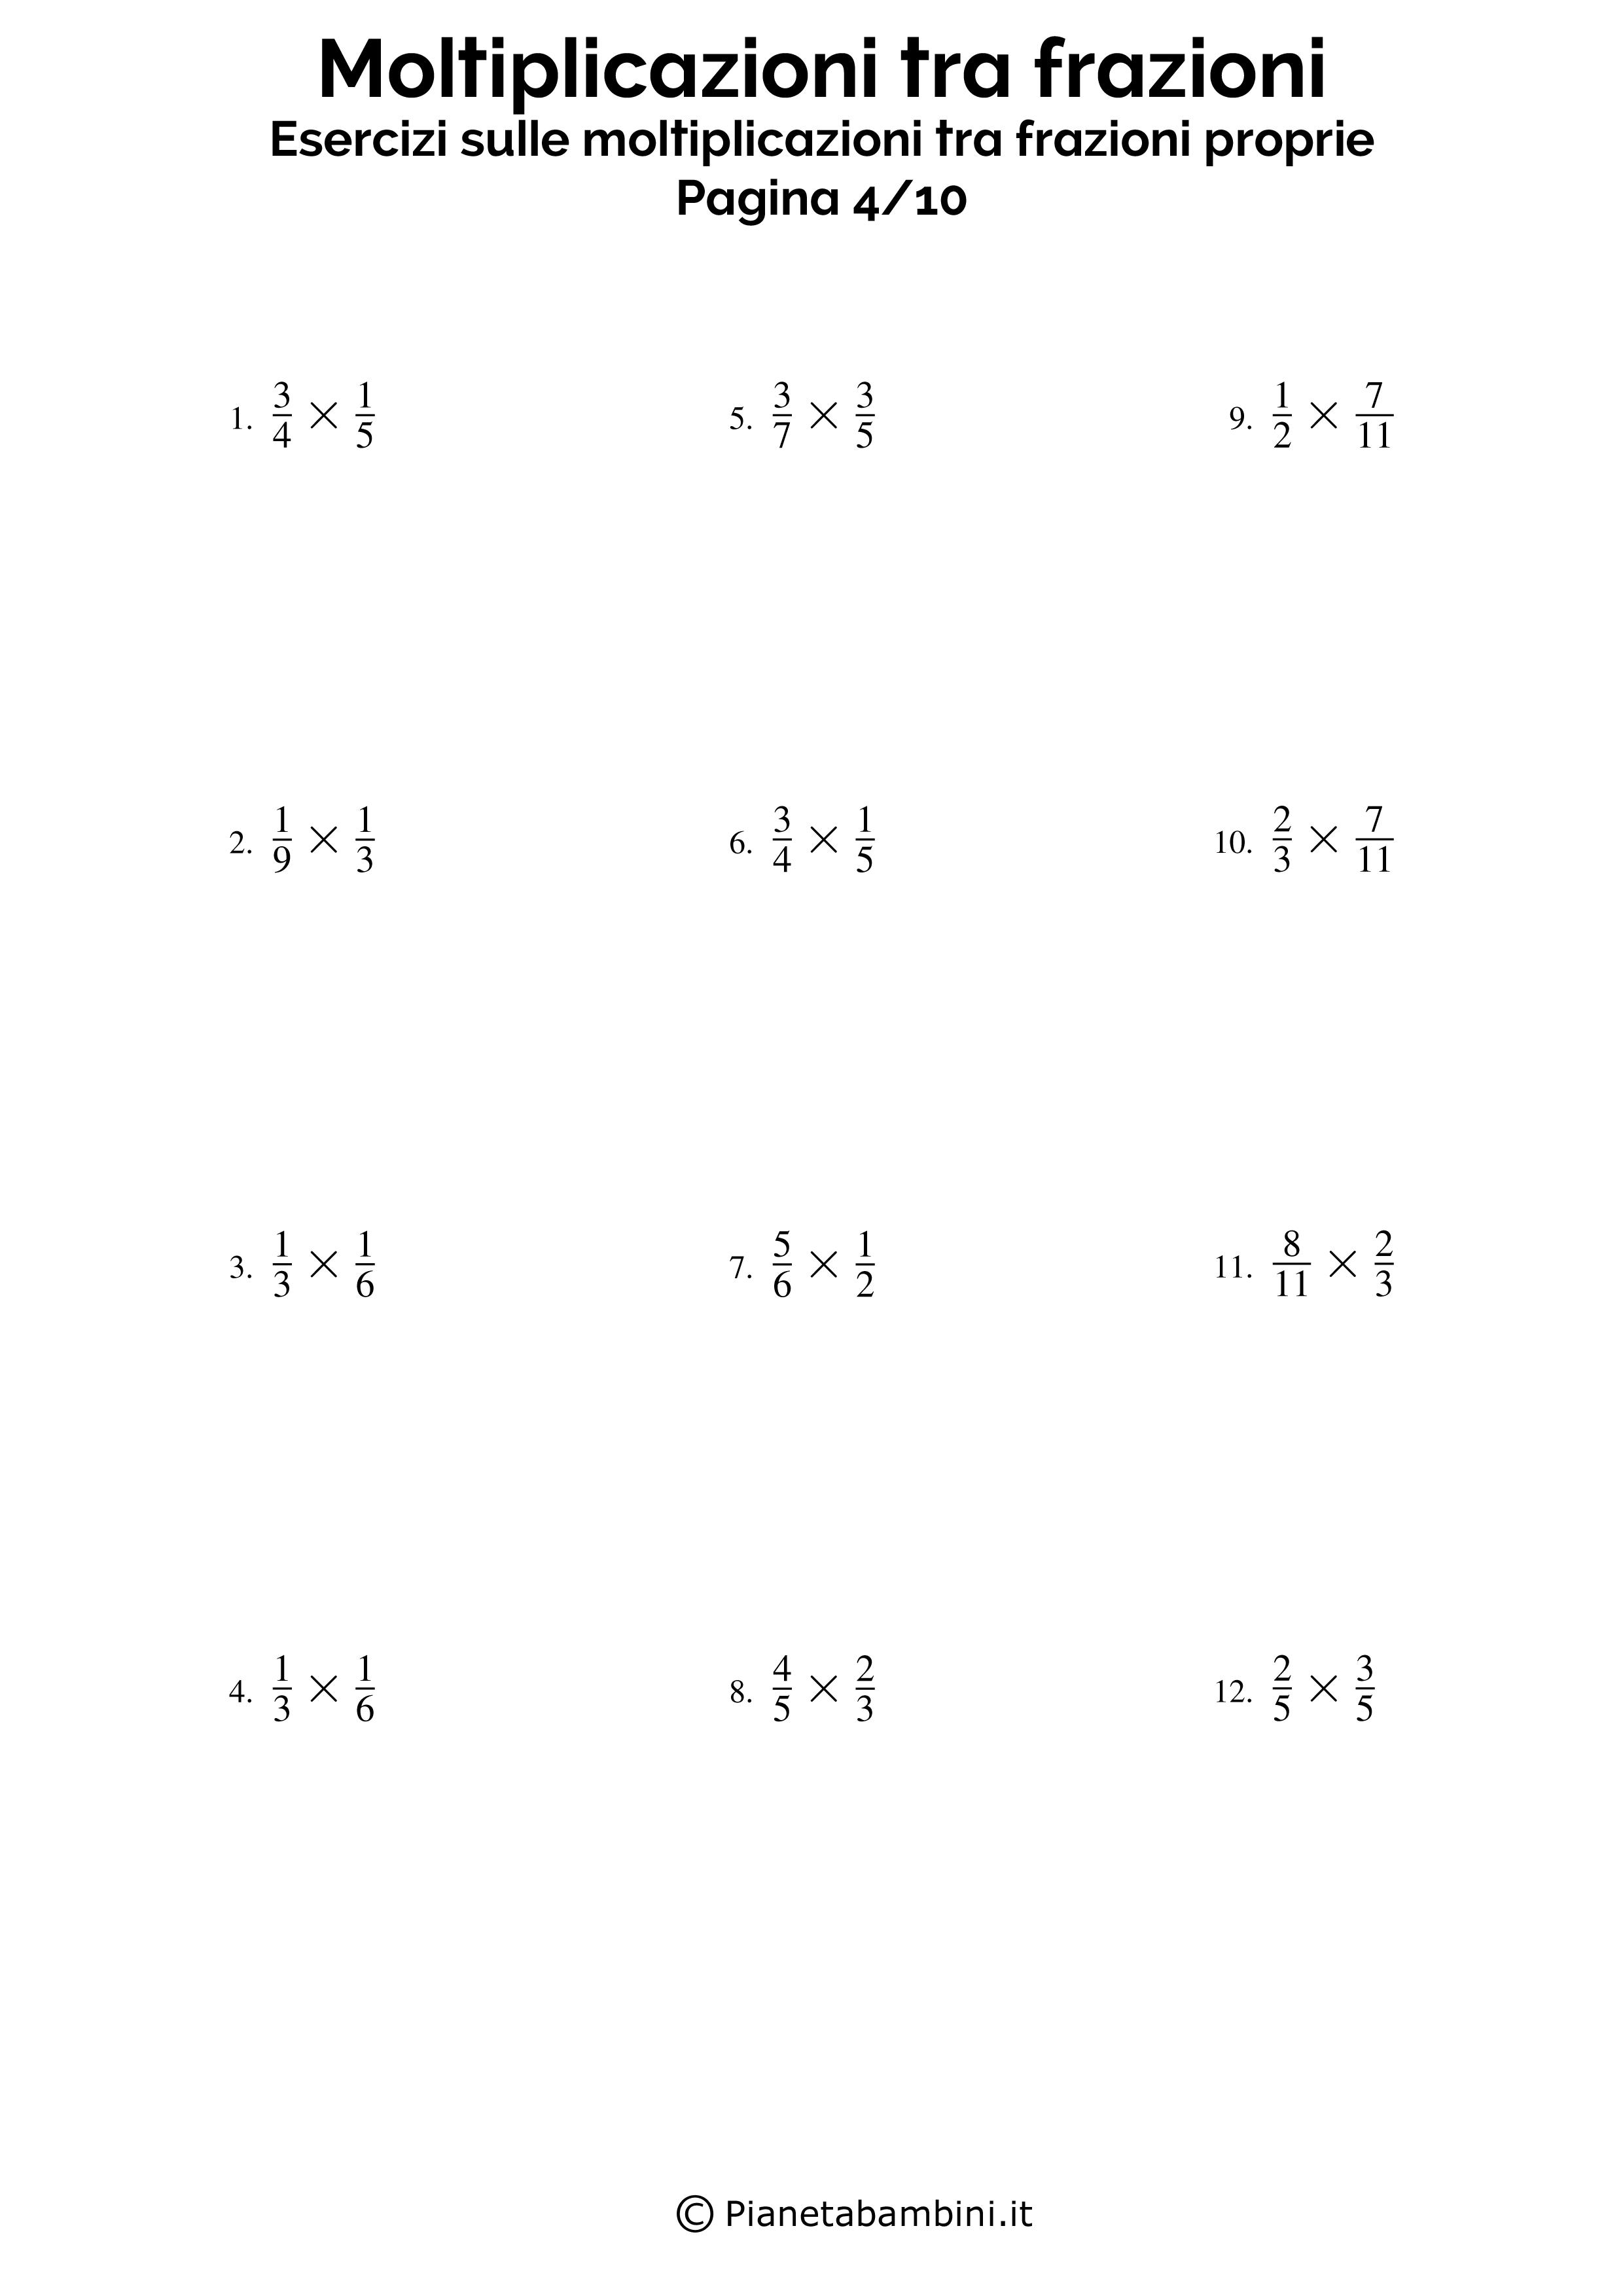 Moltiplicazioni-Frazioni-Proprie_04